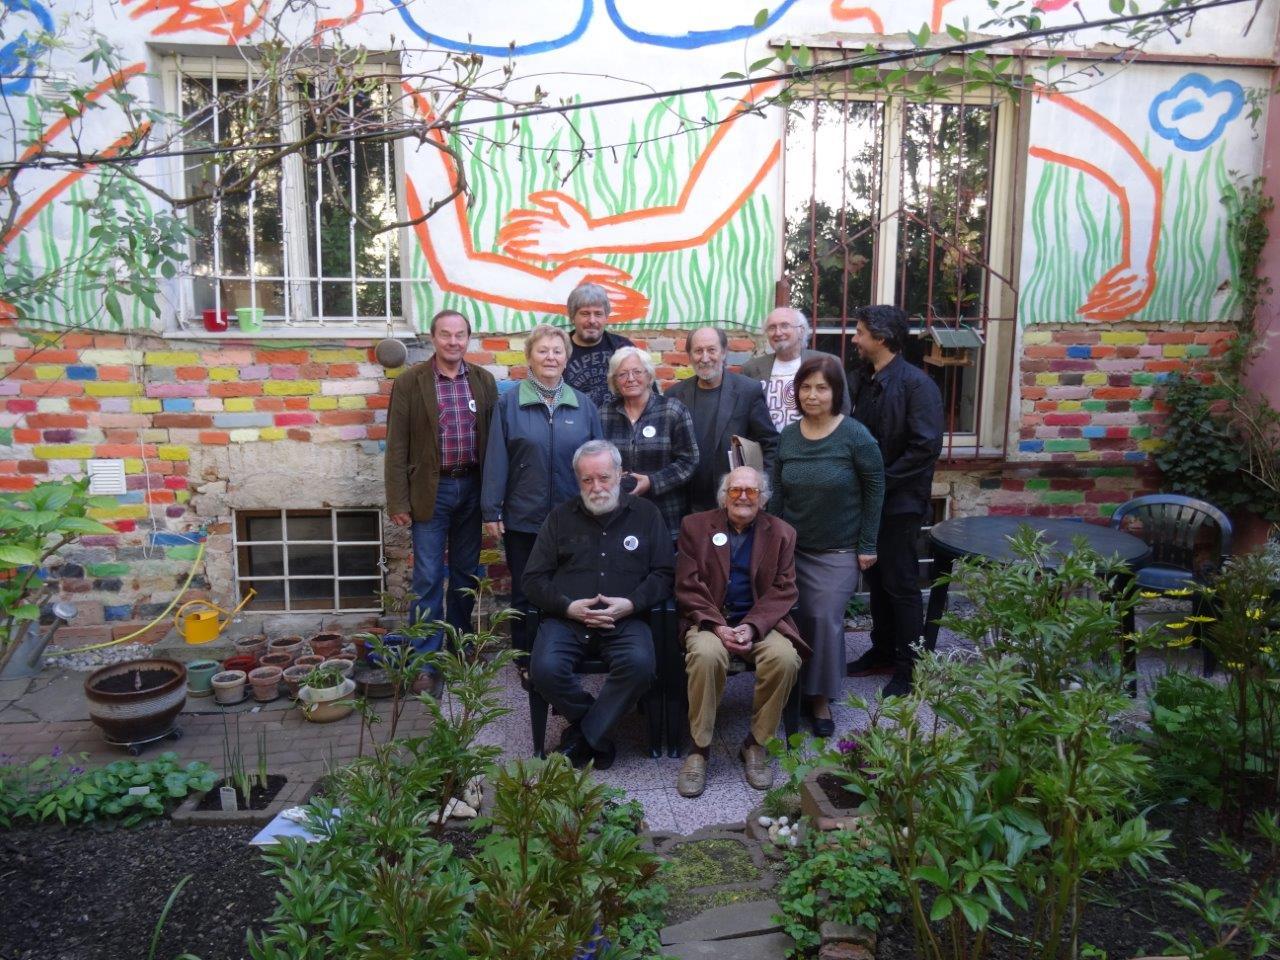 Skupinovka některých účastníků